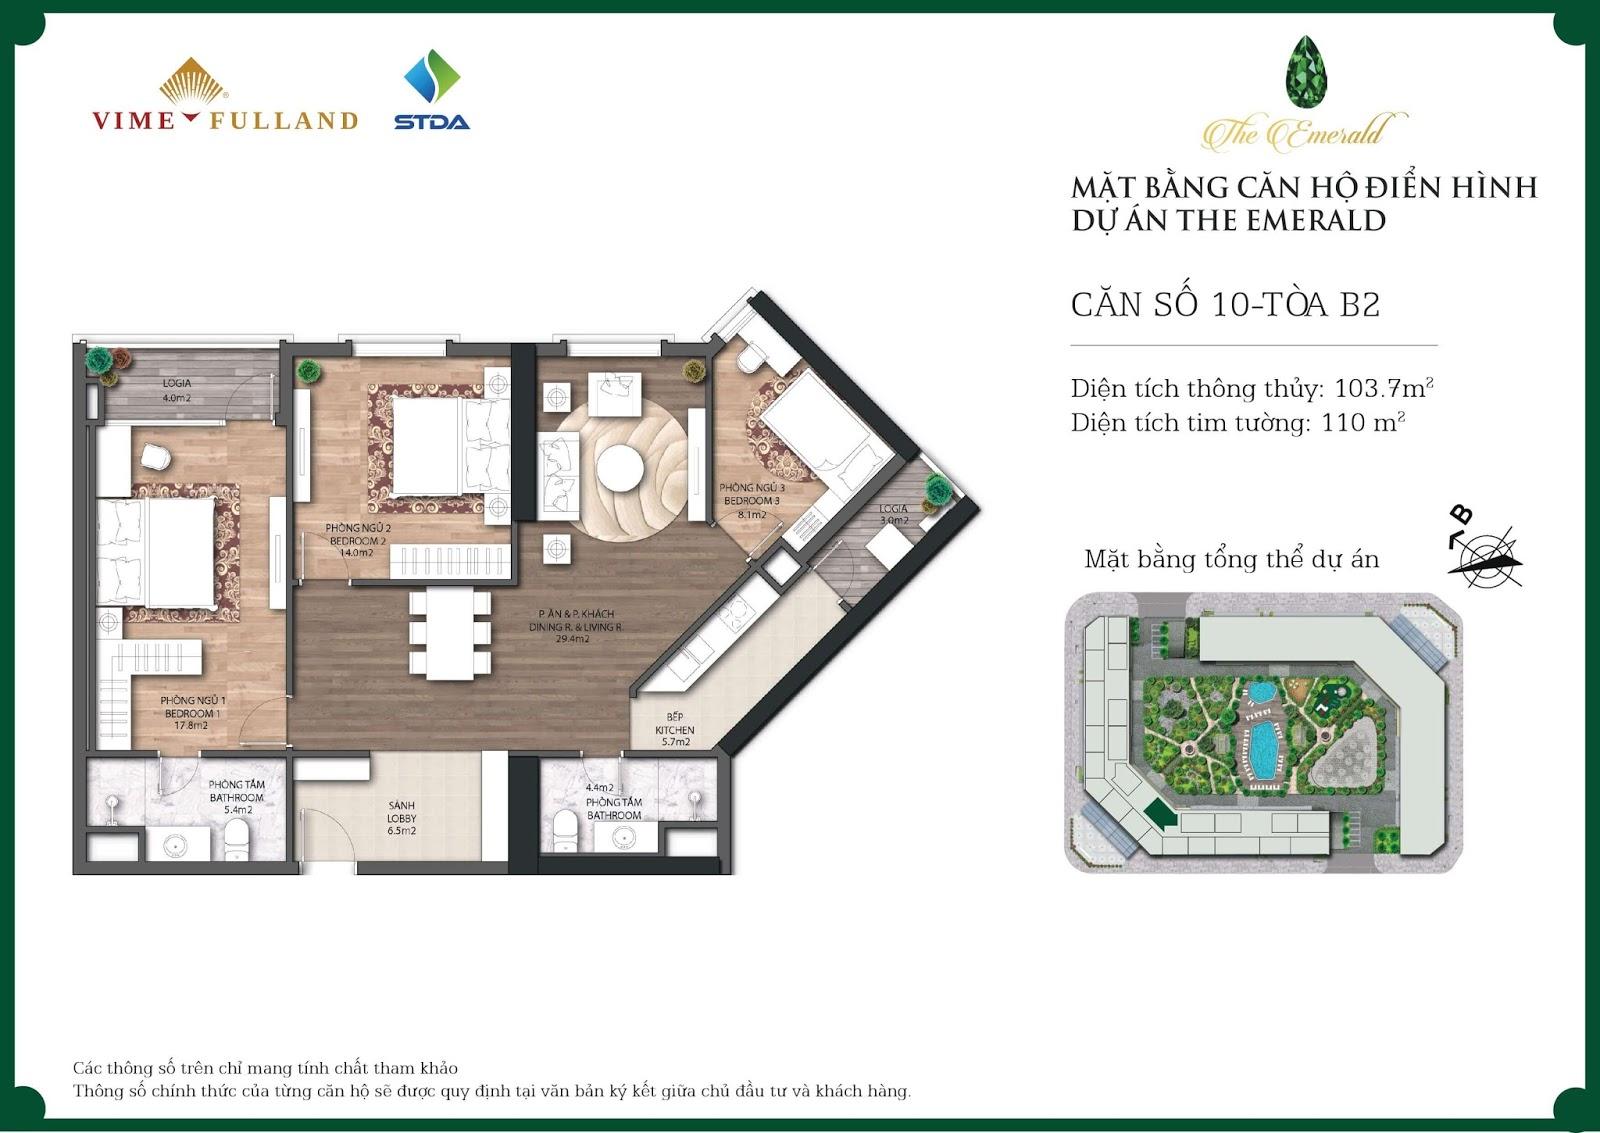 Thiết kế chi tiết mặt bằng căn hộ tòa B dự án The Emerald Mỹ Đình